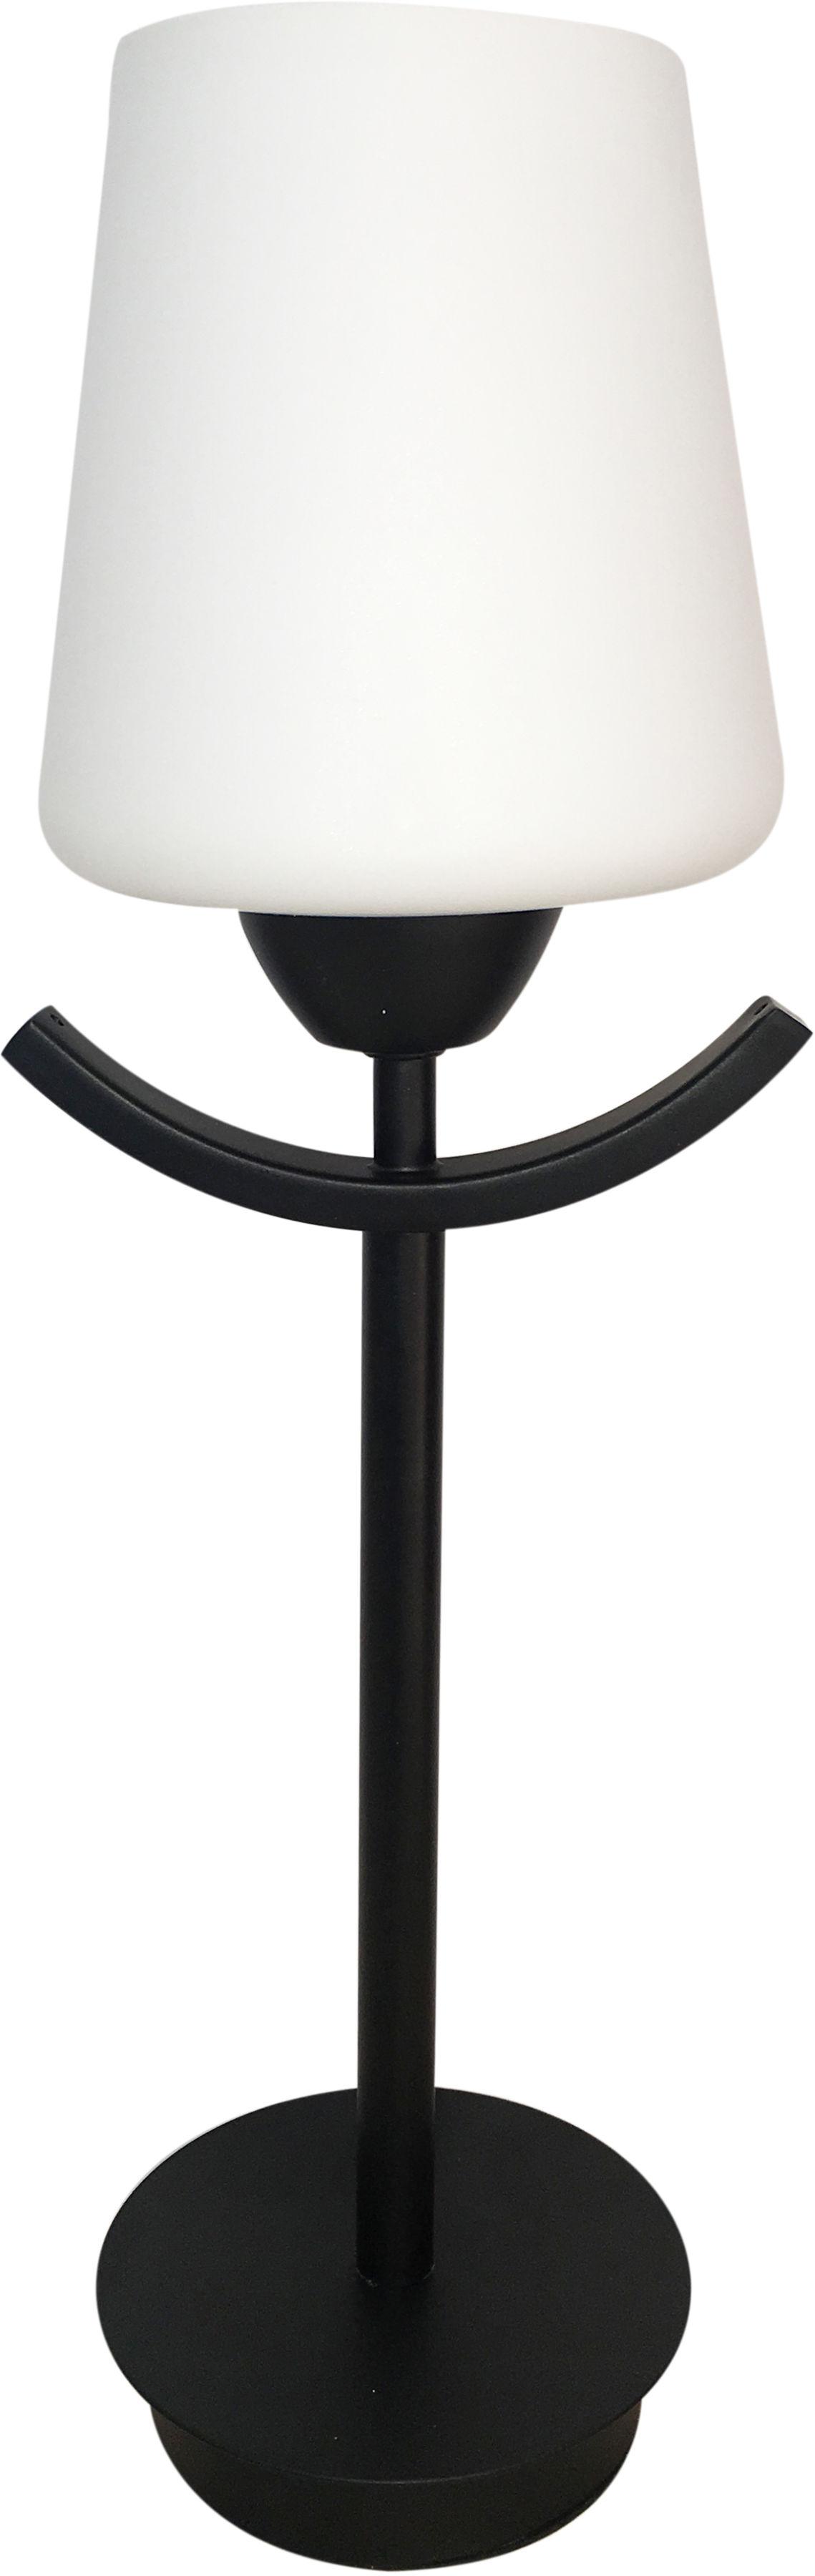 Candellux LONDYN 41-38852 lampa stołowa czerń z bielą 1X60W E27 13 cm